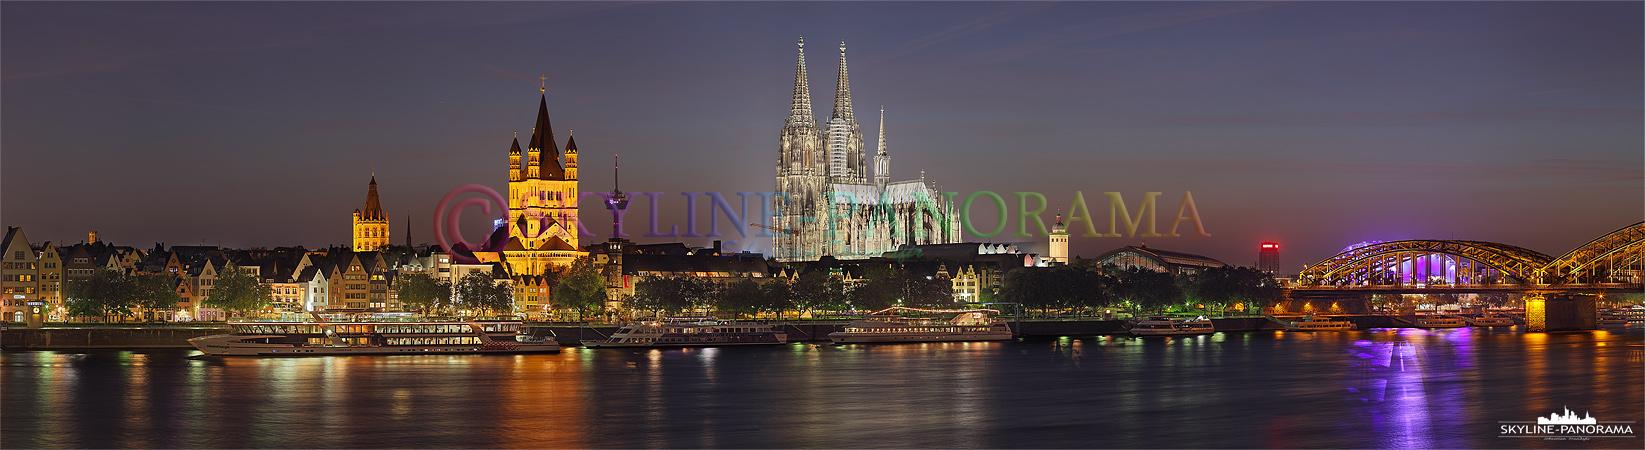 Panorama Bilder Köln - Die Skyline Kölns nach dem Sonnenuntergang mit dem Kölner Dom im Zentrum.